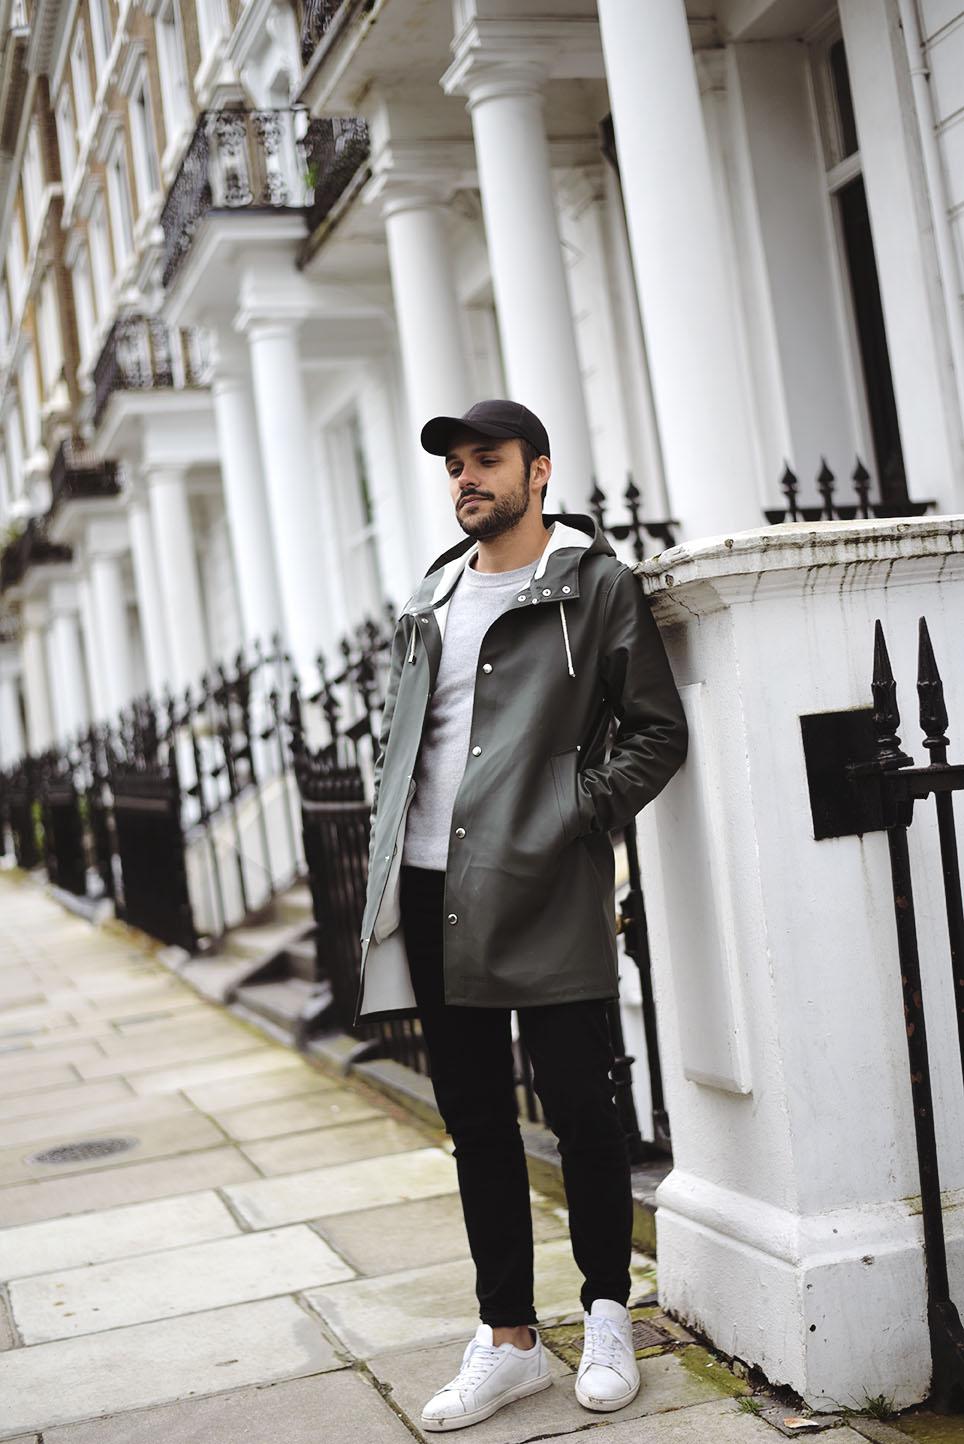 ULMN Mondrian London